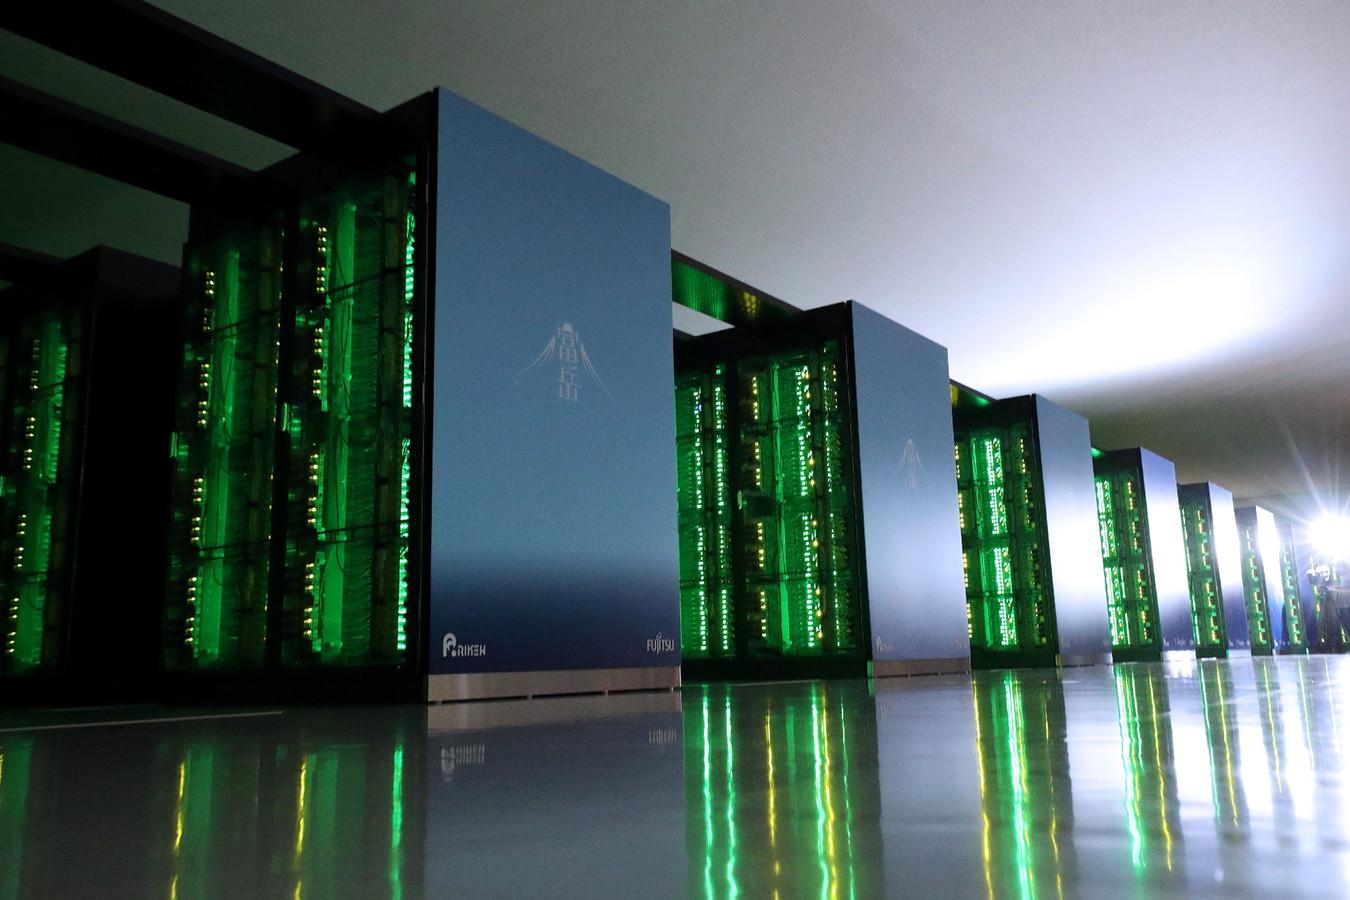 Cette photo prise le 16 juin 2020 montre le supercalculateur japonais Fugaku au Centre Riken pour les sciences informatiques à Kobe, dans la préfecture de Hyogo.